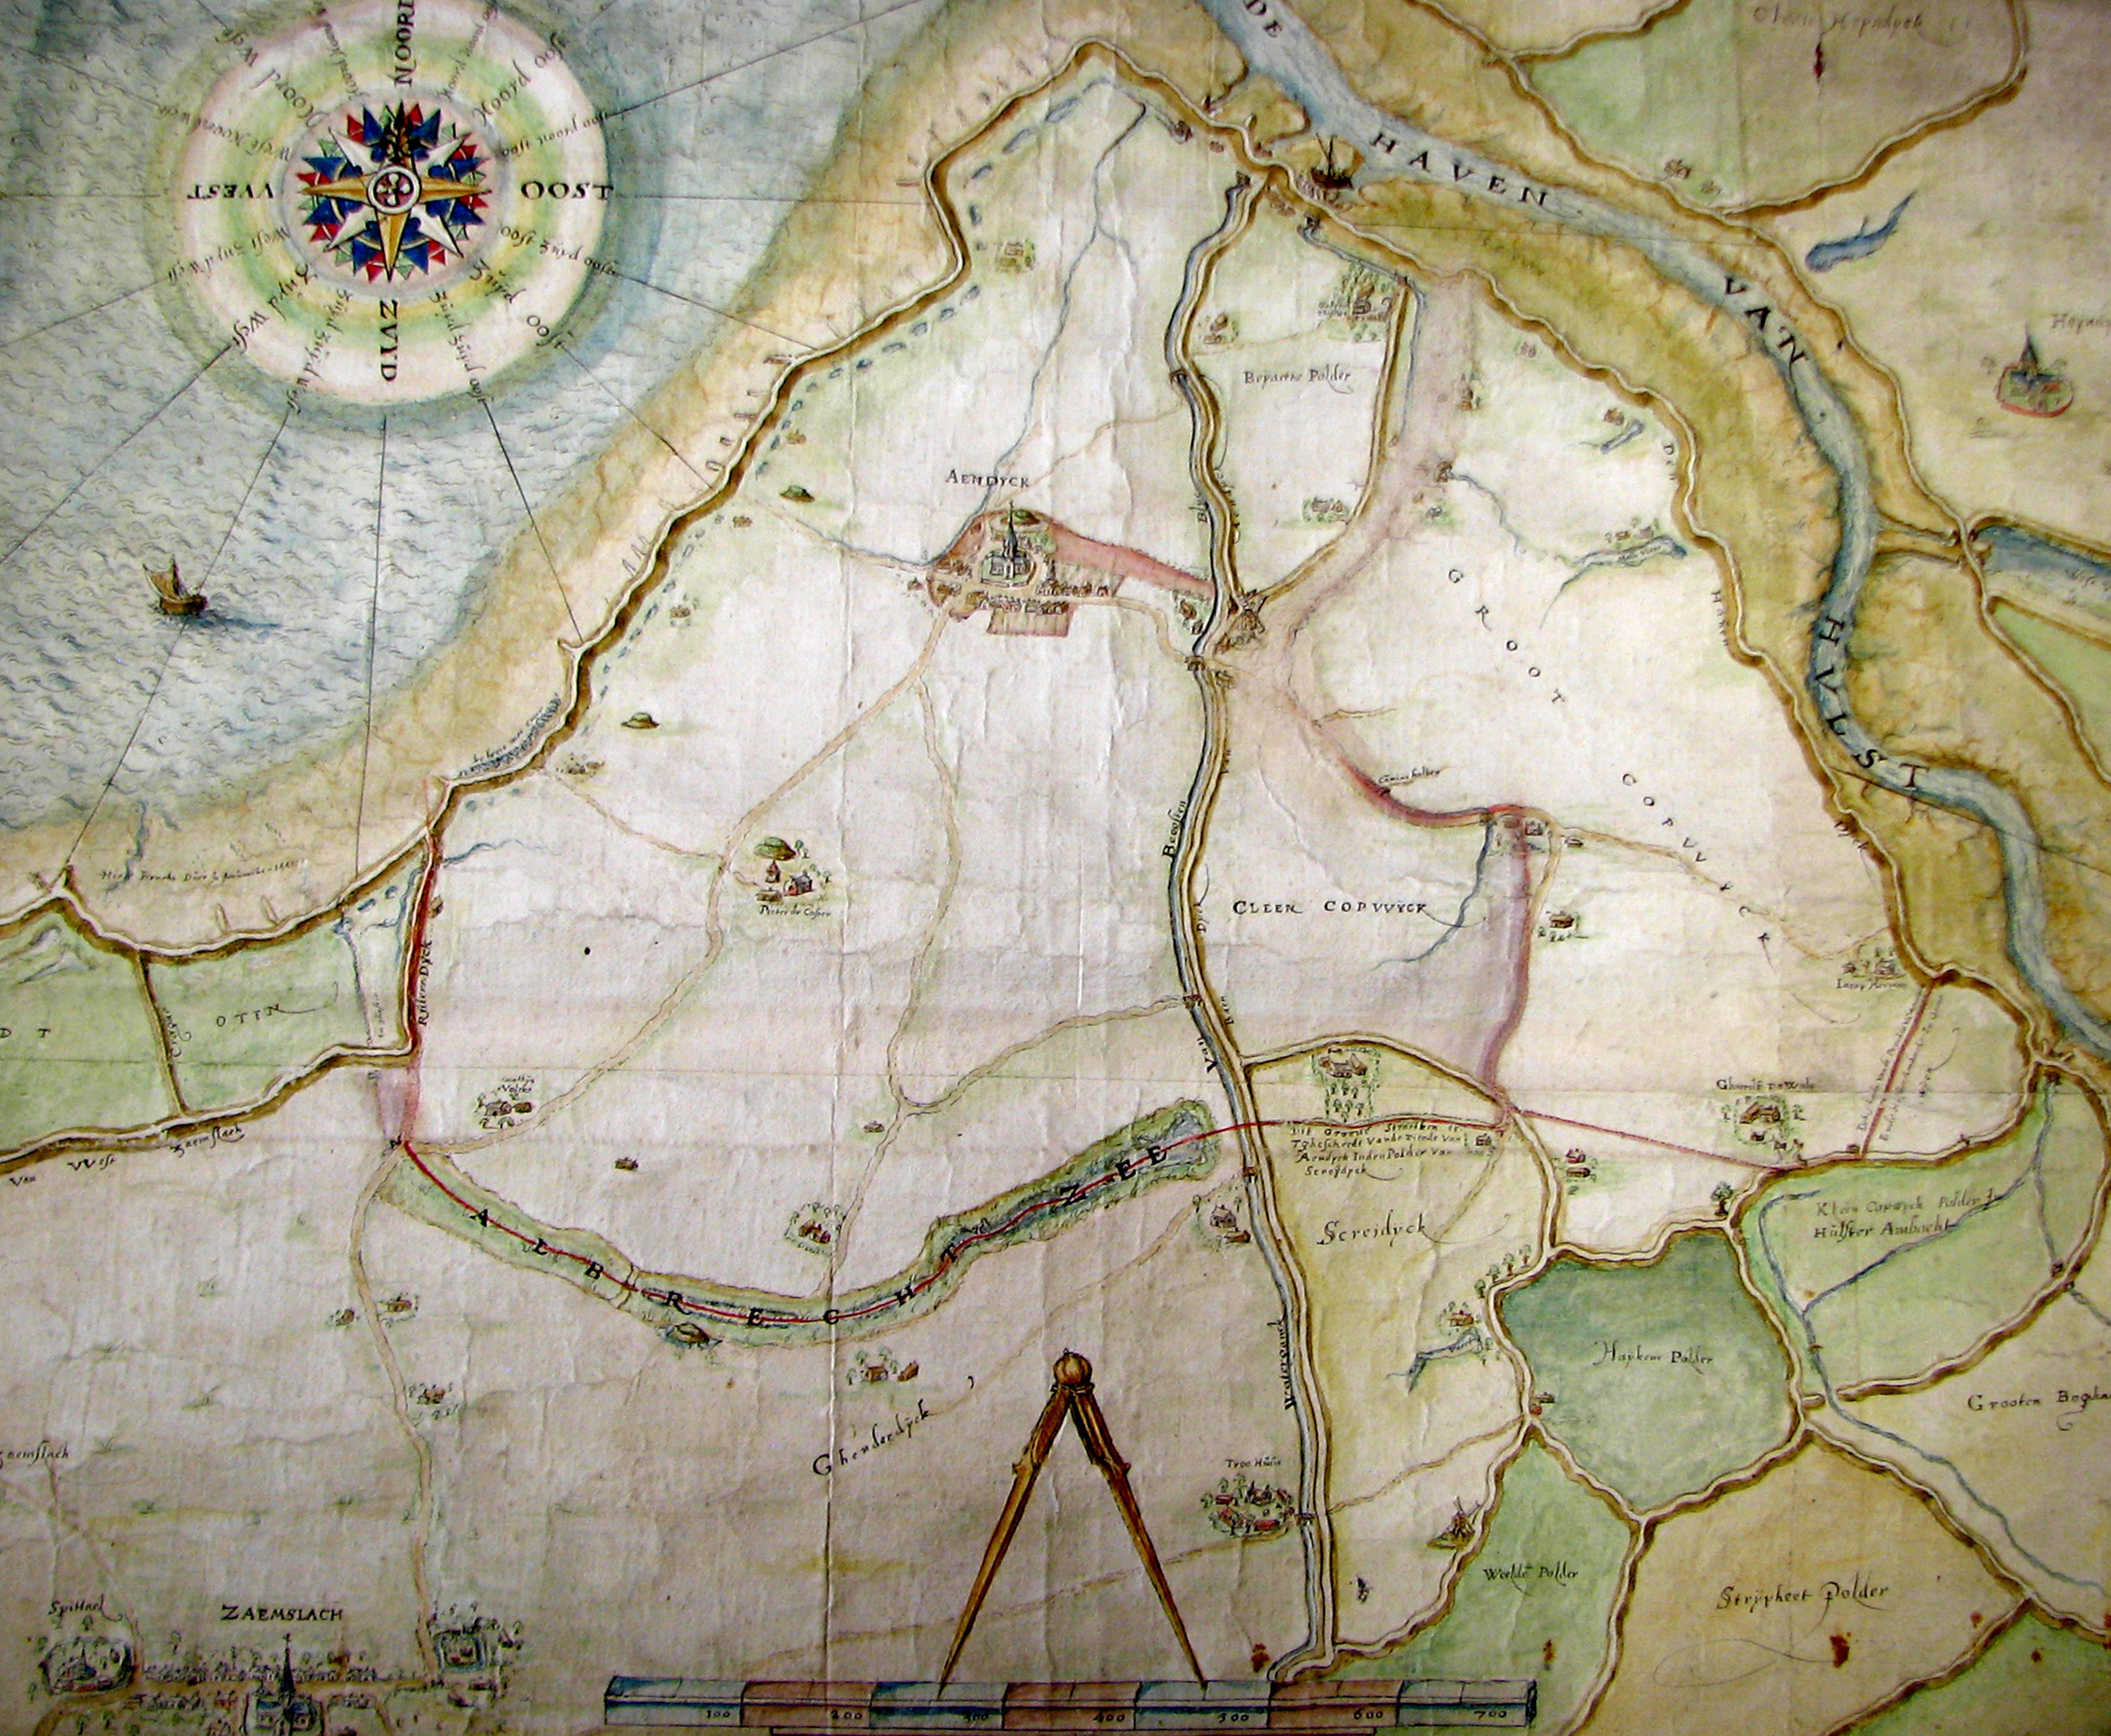 Aendijcke en omgeving op de kaart van François Horenbault (1569), waarop de precaire ligging ten opzichte van de kustlijn duidelijk wordt weergegeven (figuur Rijksarchief Gent, Kaarten en Plans, nr. 2647).art 8).